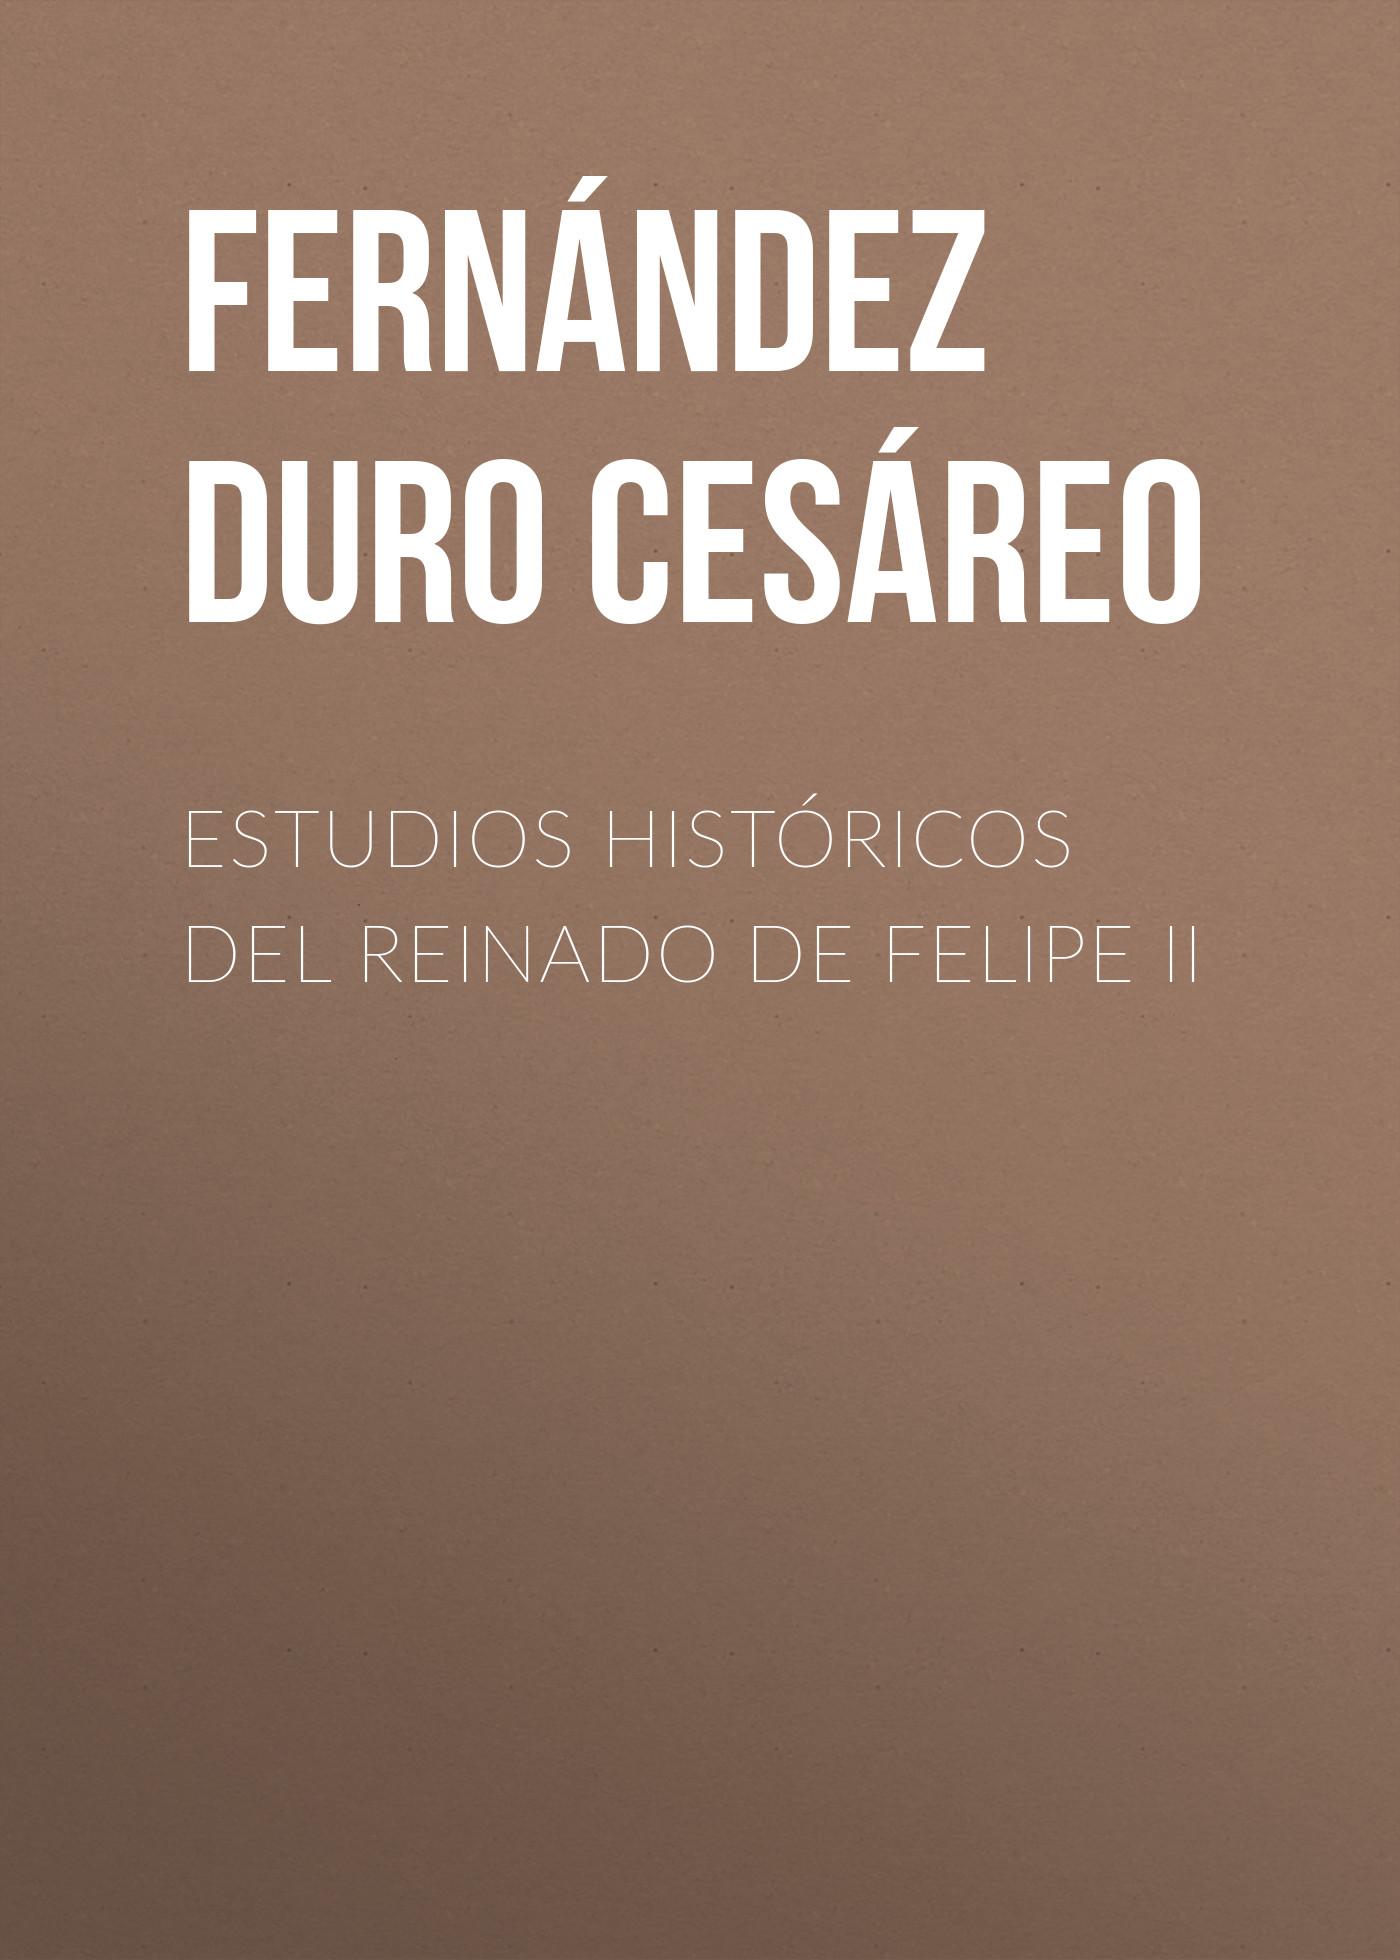 Fernández Duro Cesáreo Estudios históricos del reinado de Felipe II fernández y gonzález manuel el cocinero de su majestad memorias del tiempo de felipe iii